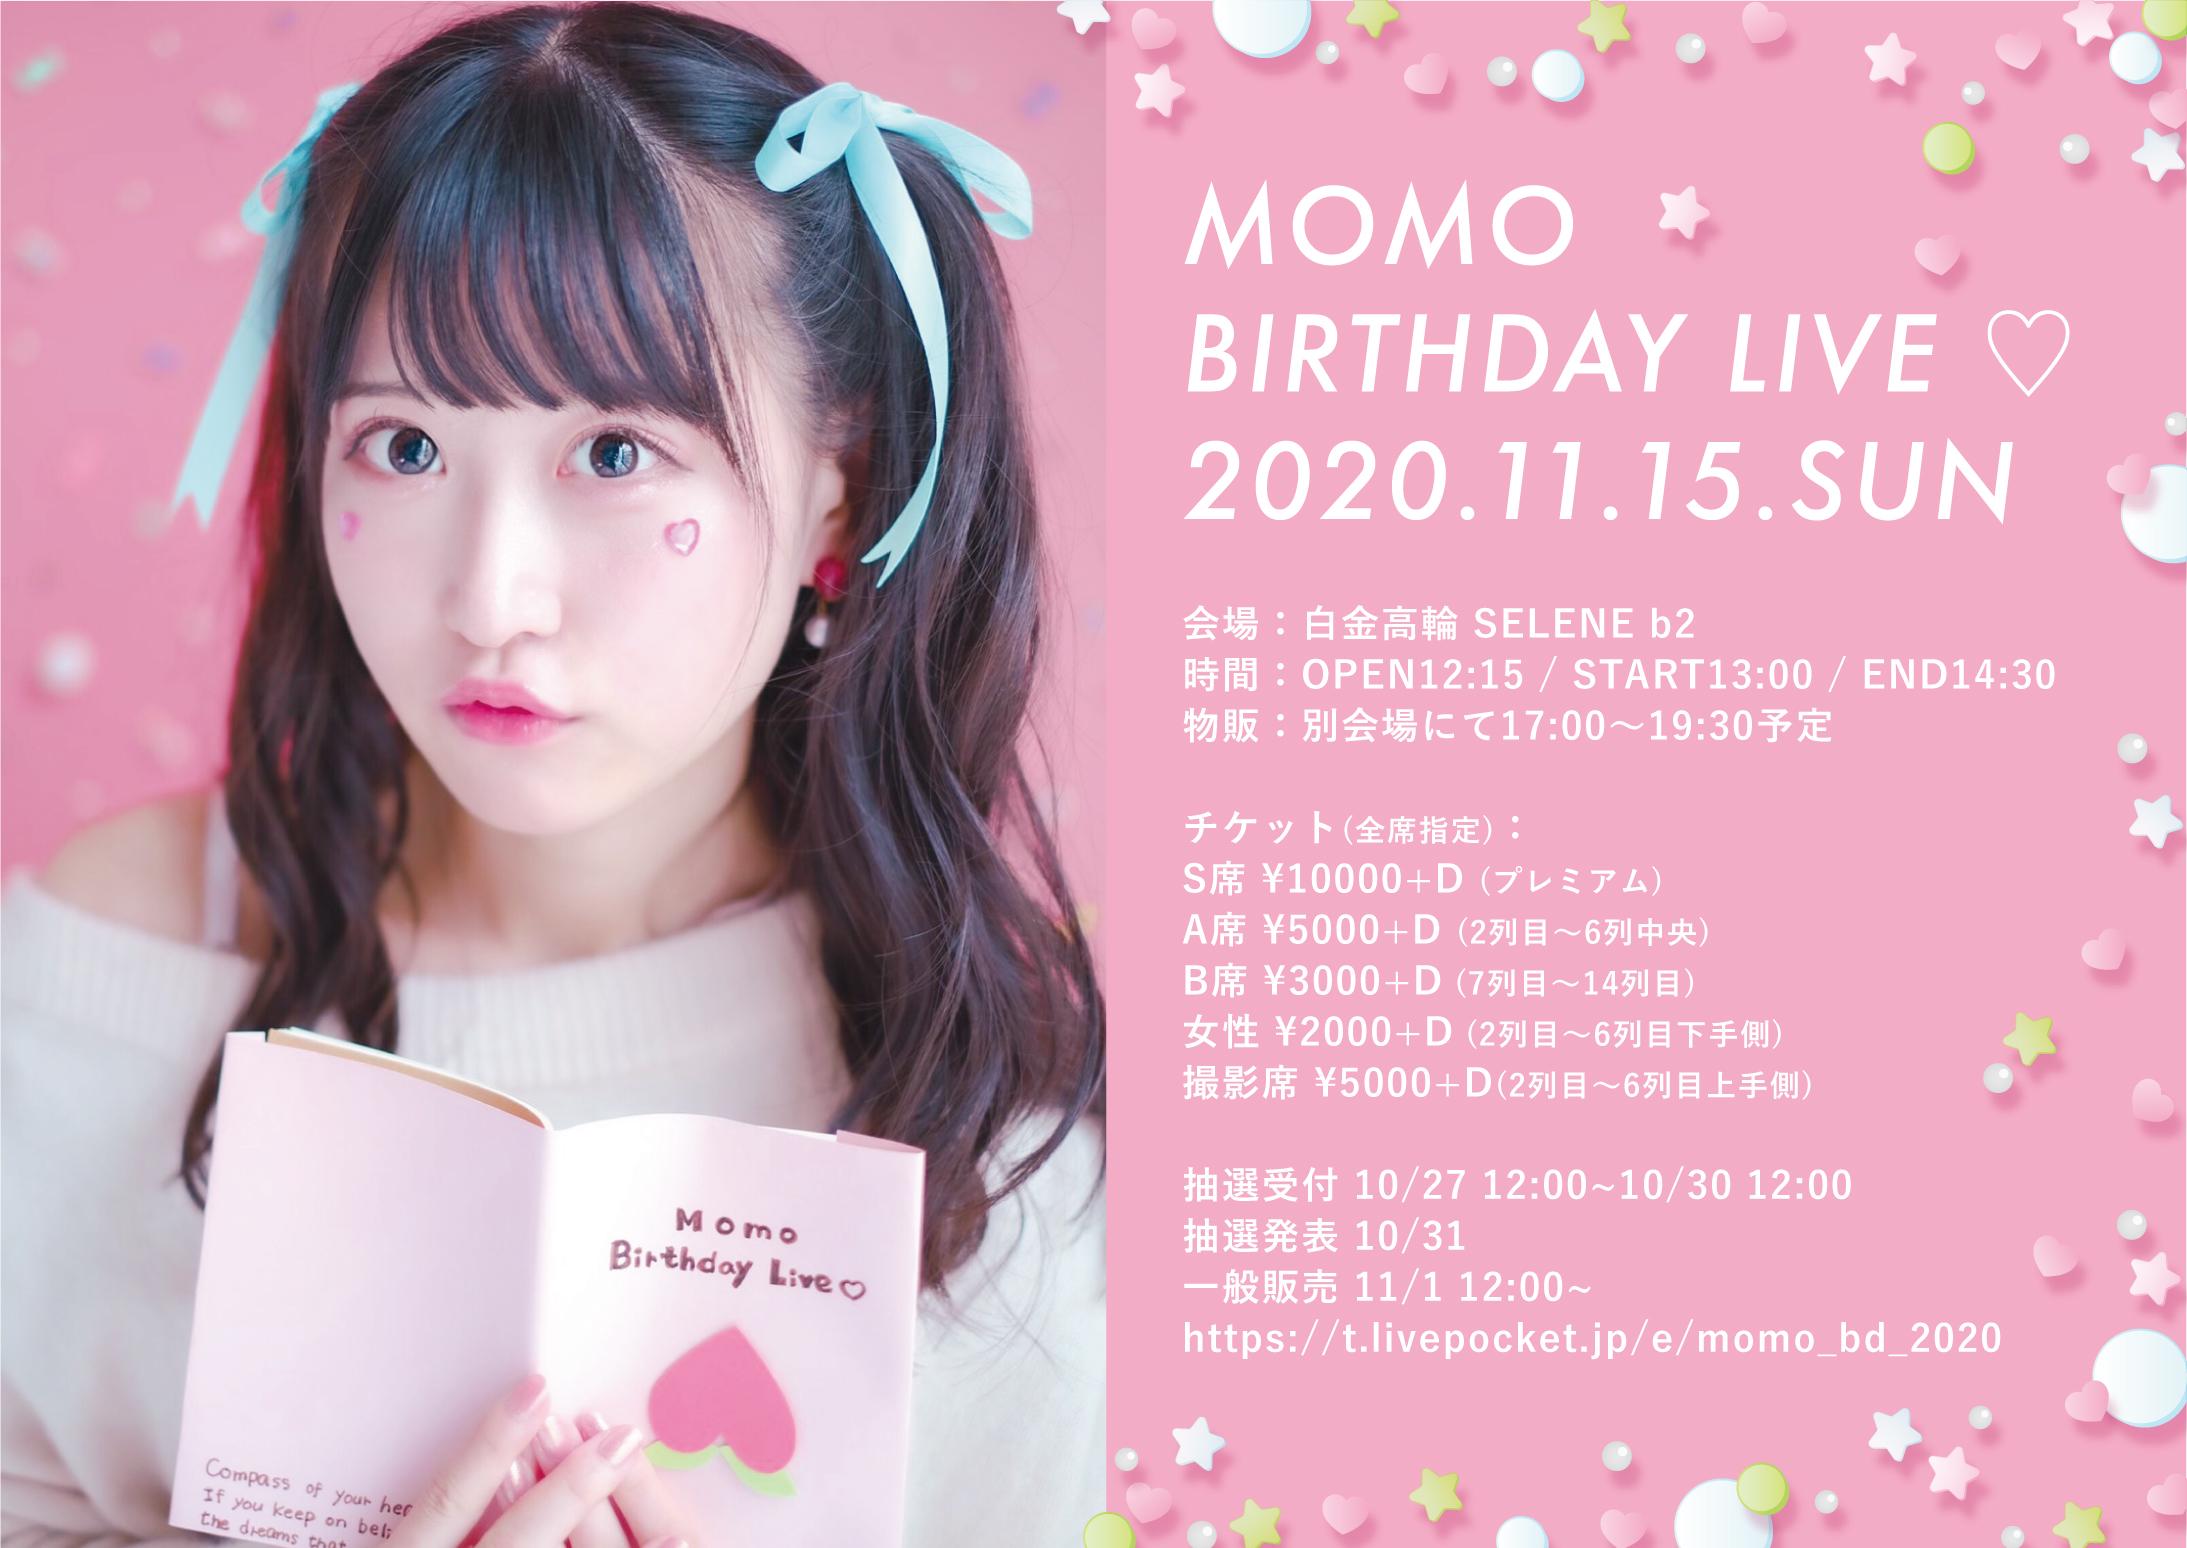 MOMO BIRTHDAY LIVE ♡